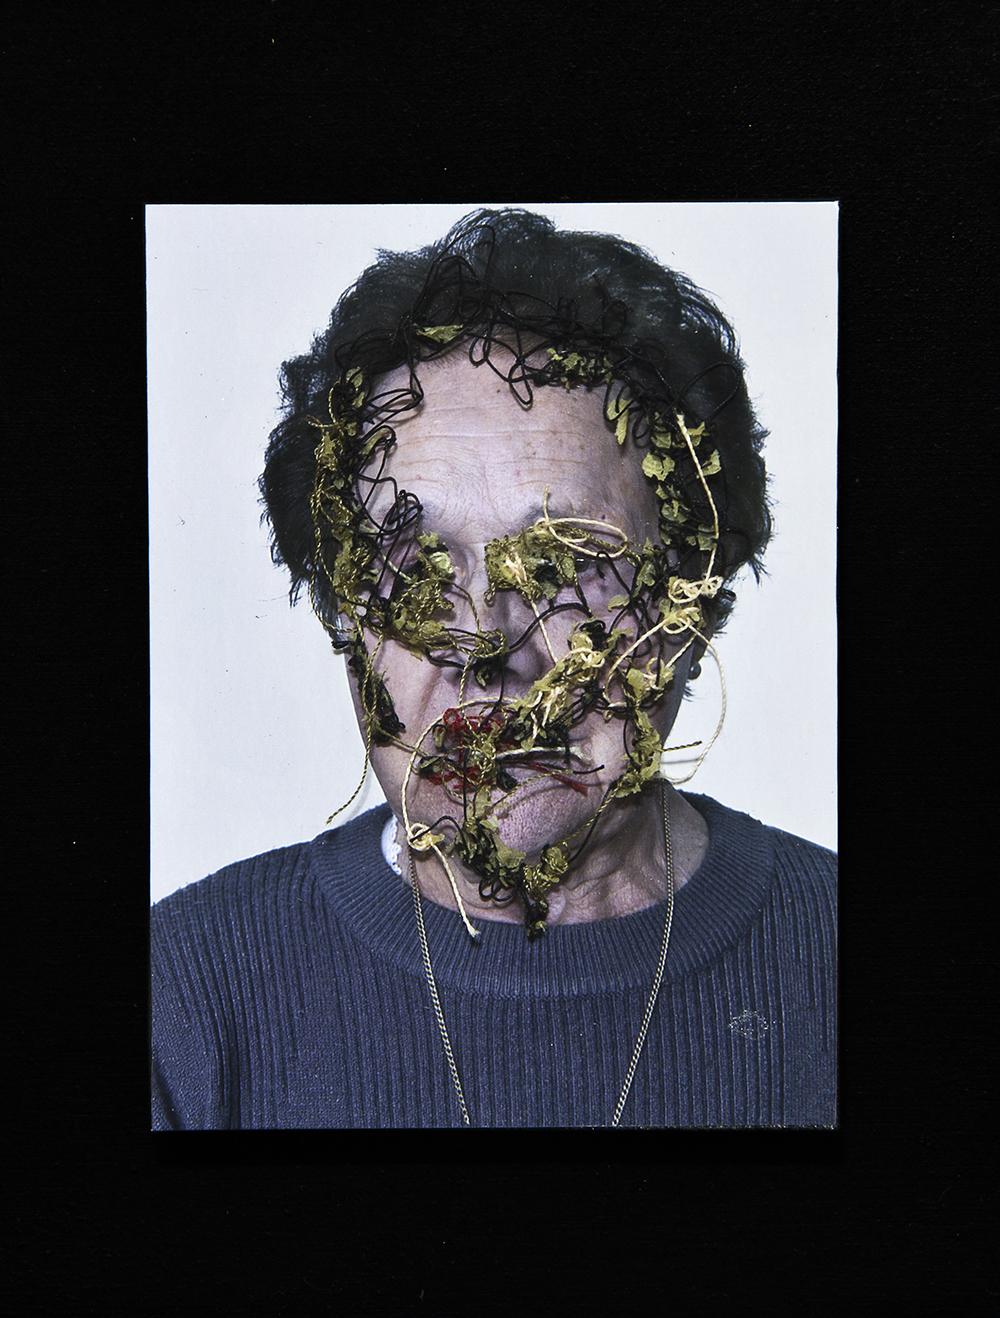 Abuela Lolina A flor de piel, 12. 10x15 cm. Fotografía, hilo y piel. 2013